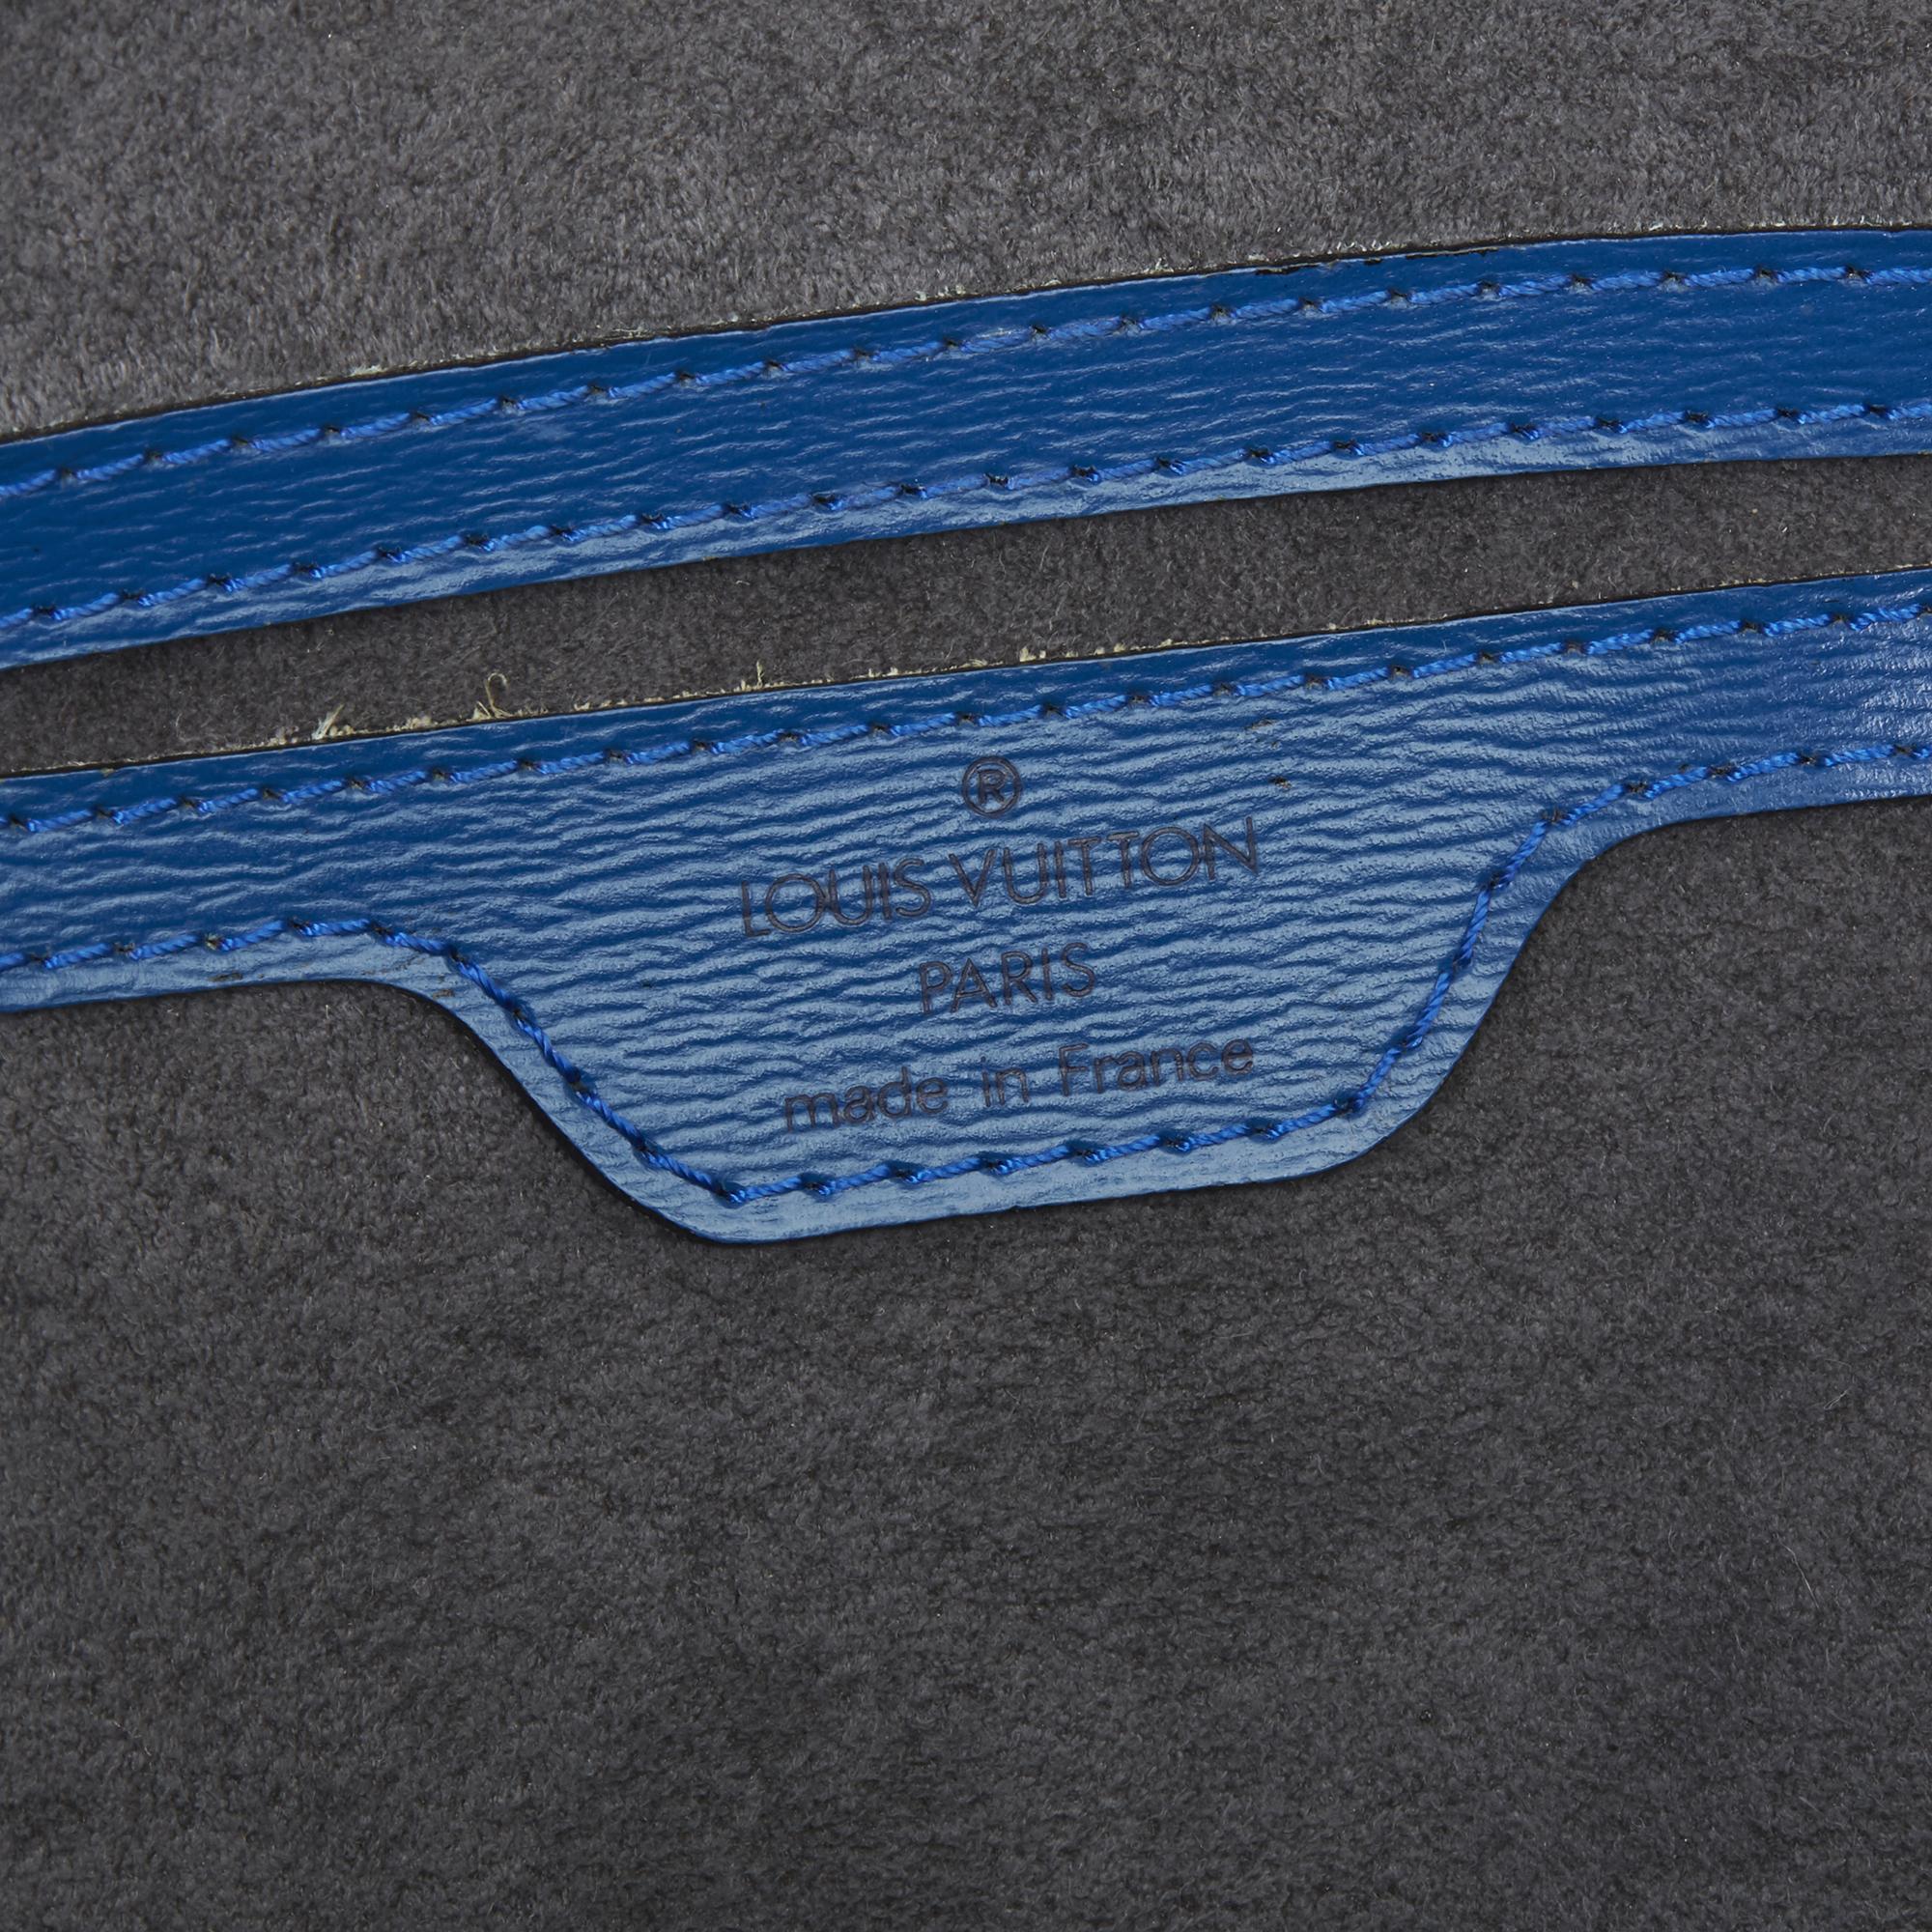 Louis Vuitton Blue Epi Leather Vintage Saint Jacques PM - Image 5 of 11